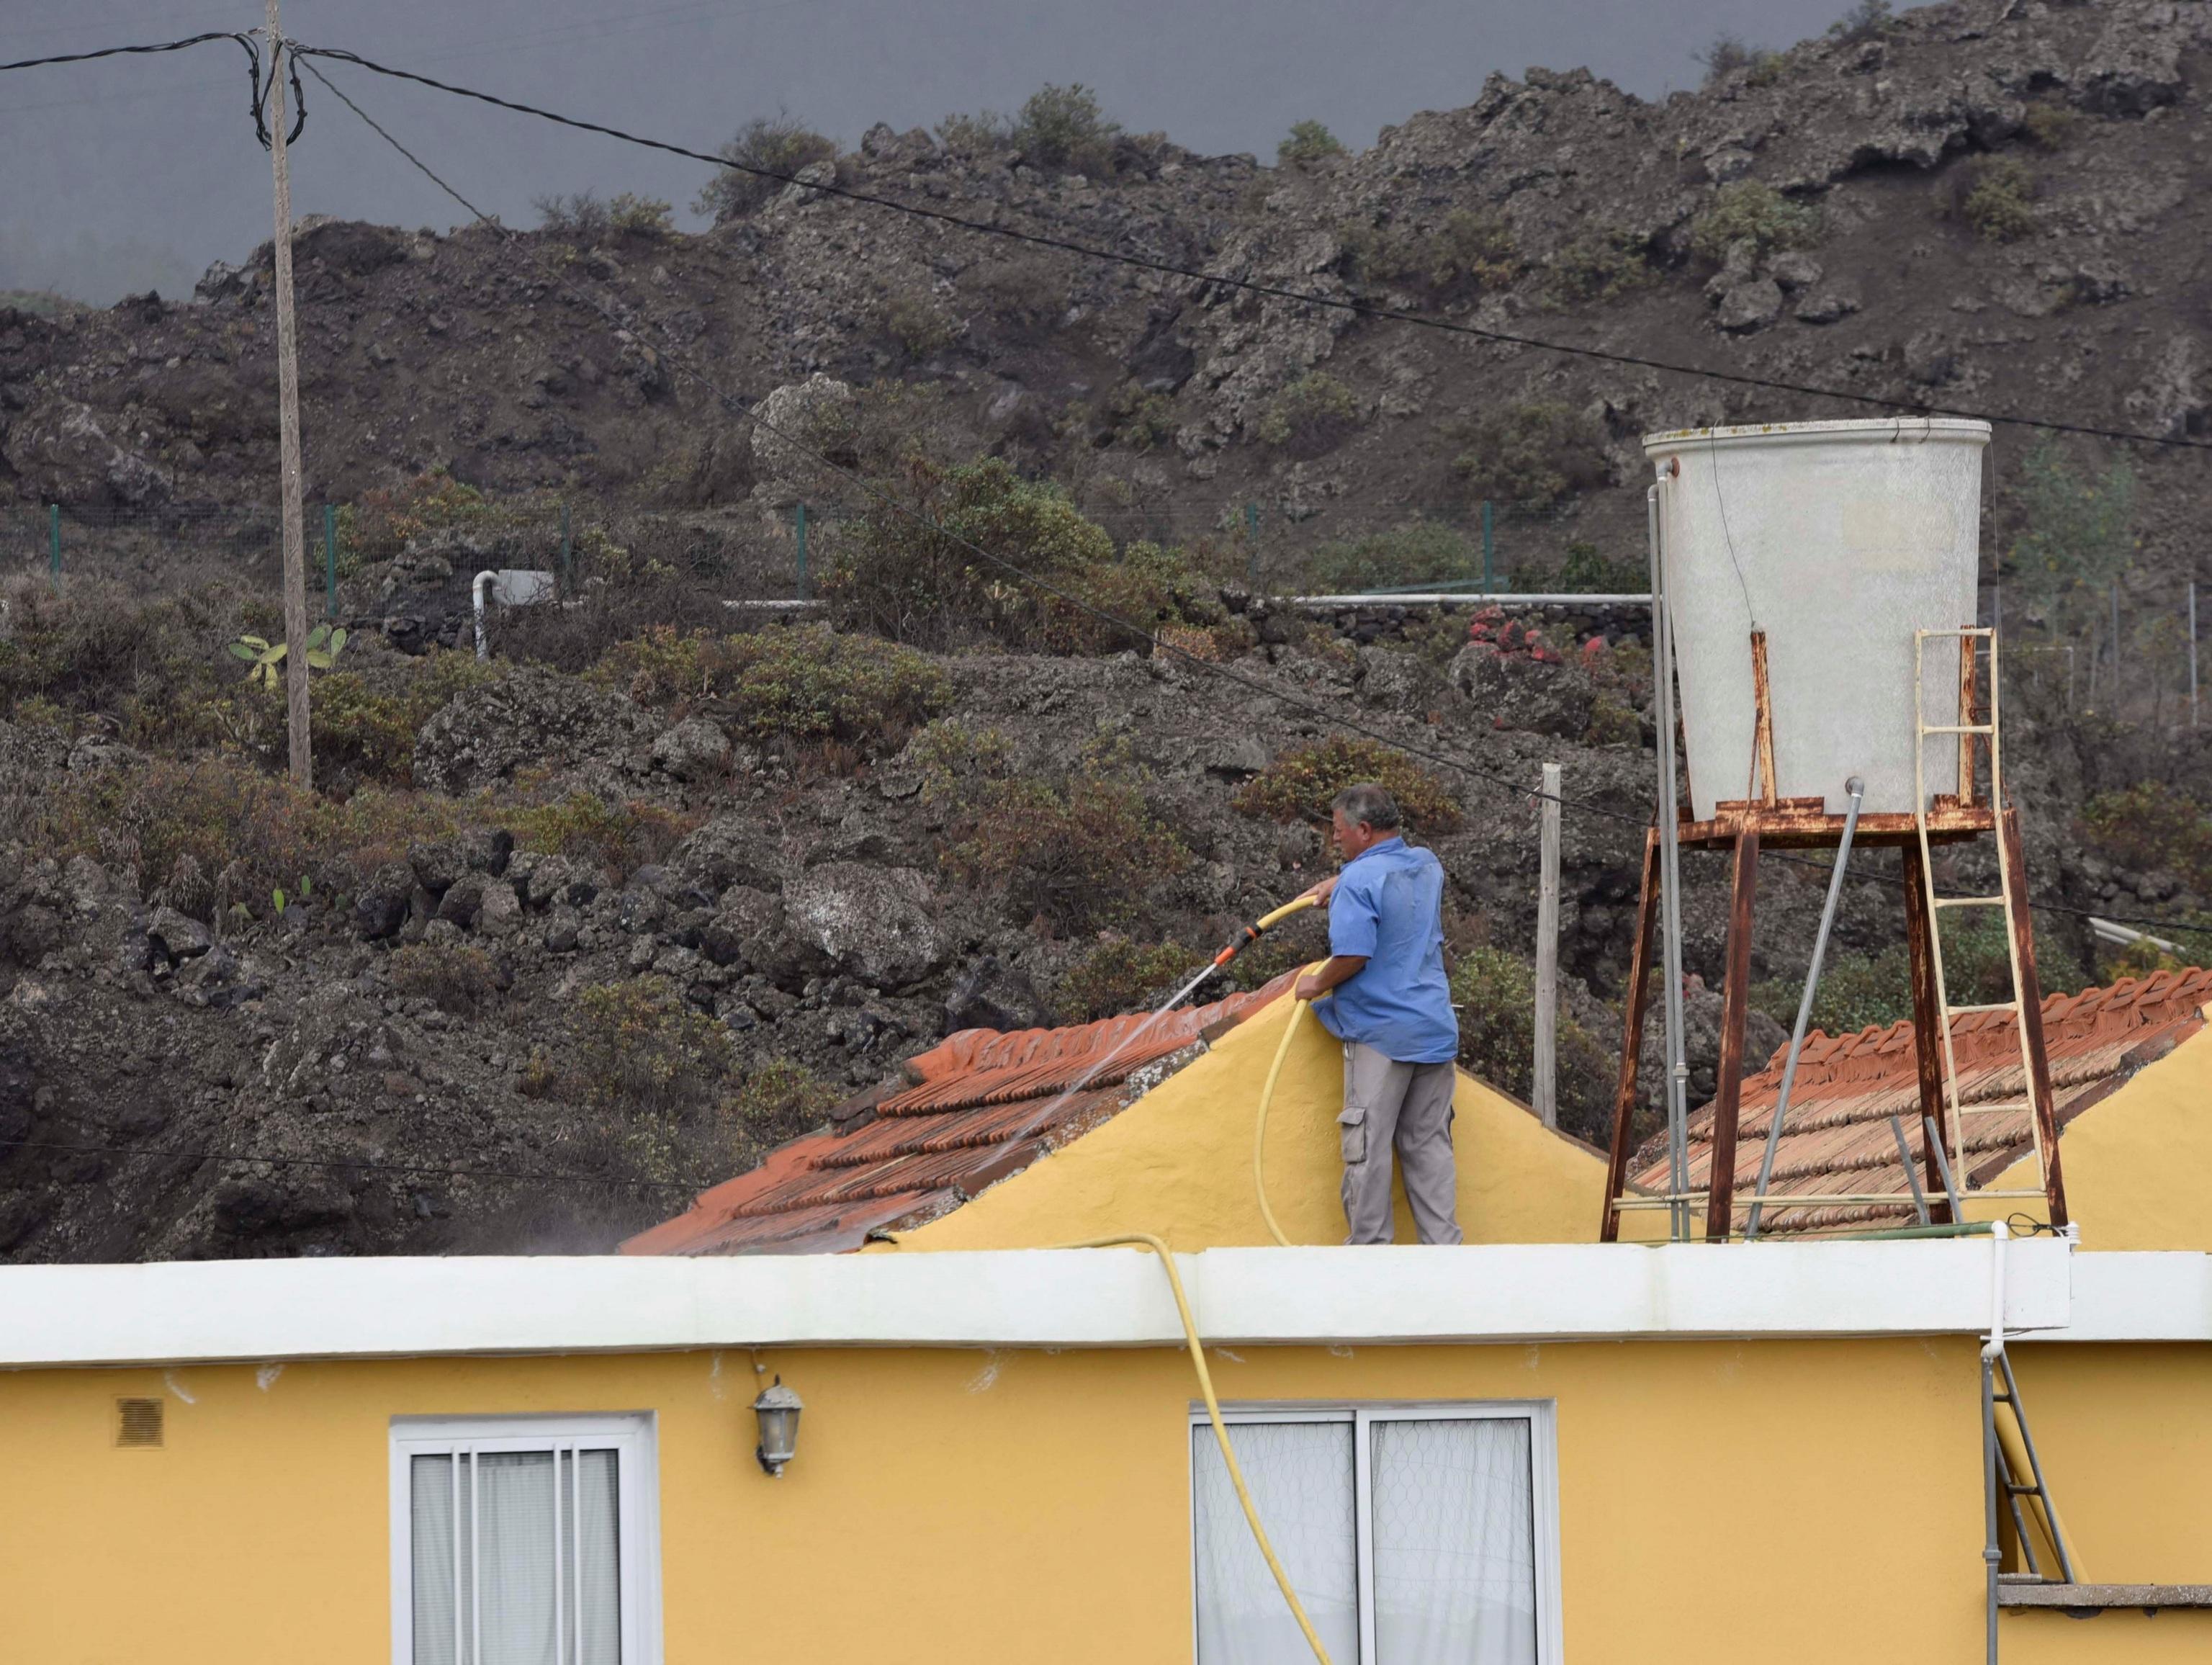 Un vecino de Tacande limpia con agua el tejado de su vivienda afectado por la caída de cenizas.